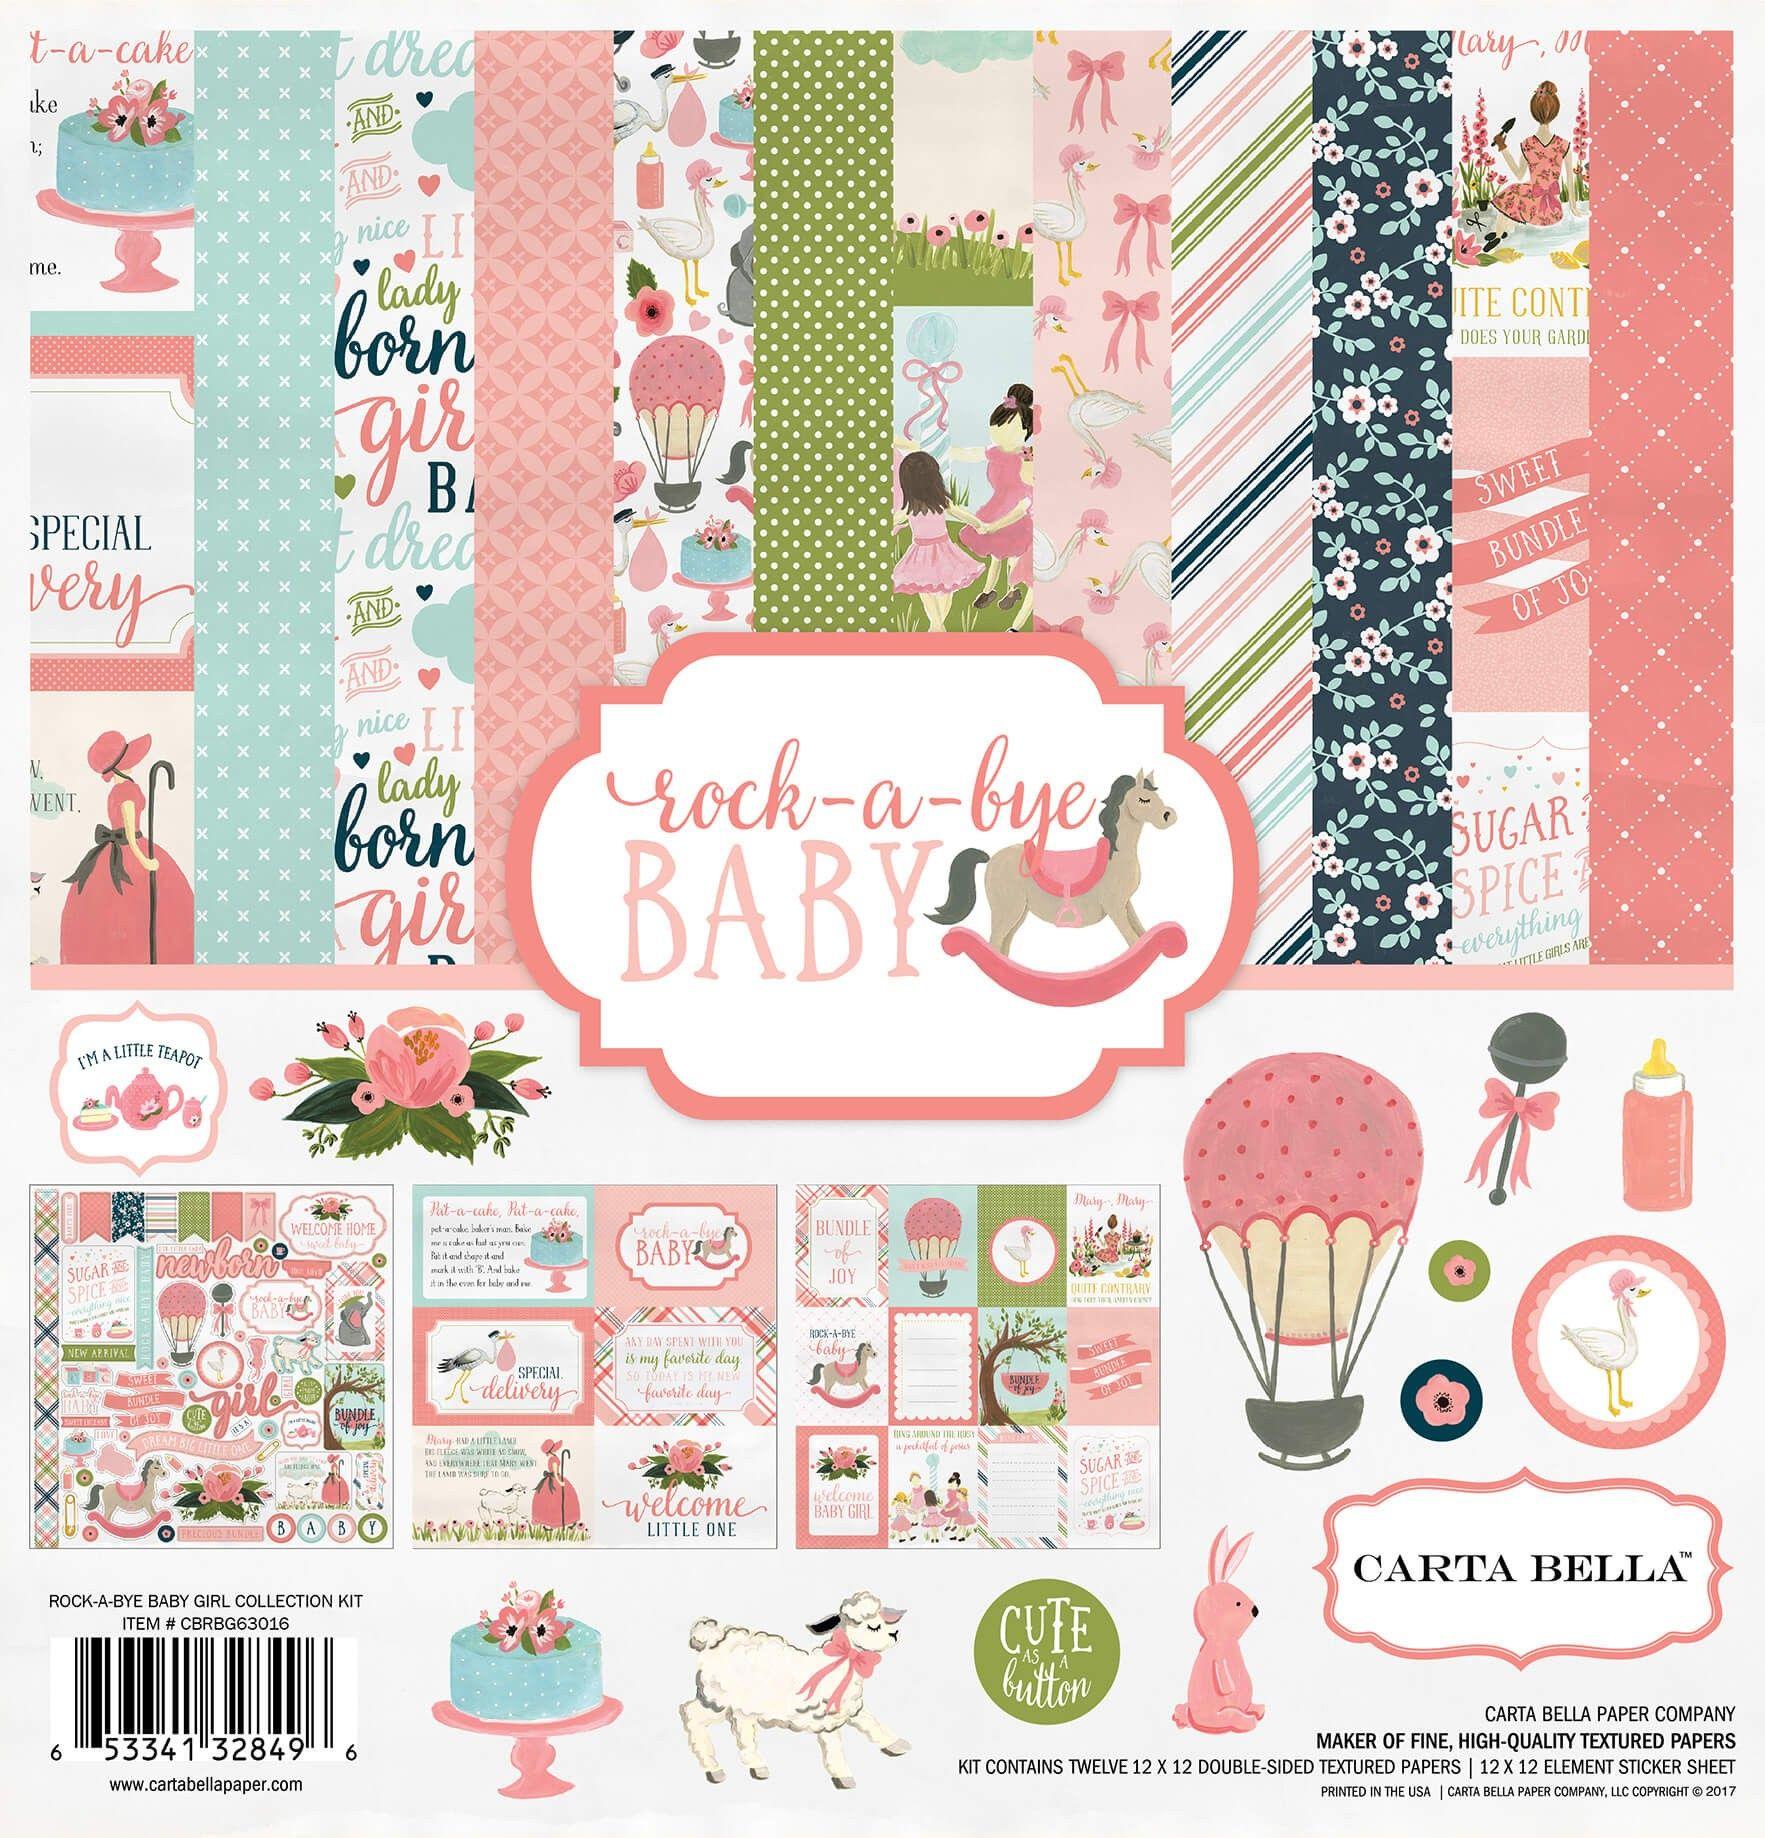 Carta Bella Rock-A-Bye Baby Boy Sticker Sheet